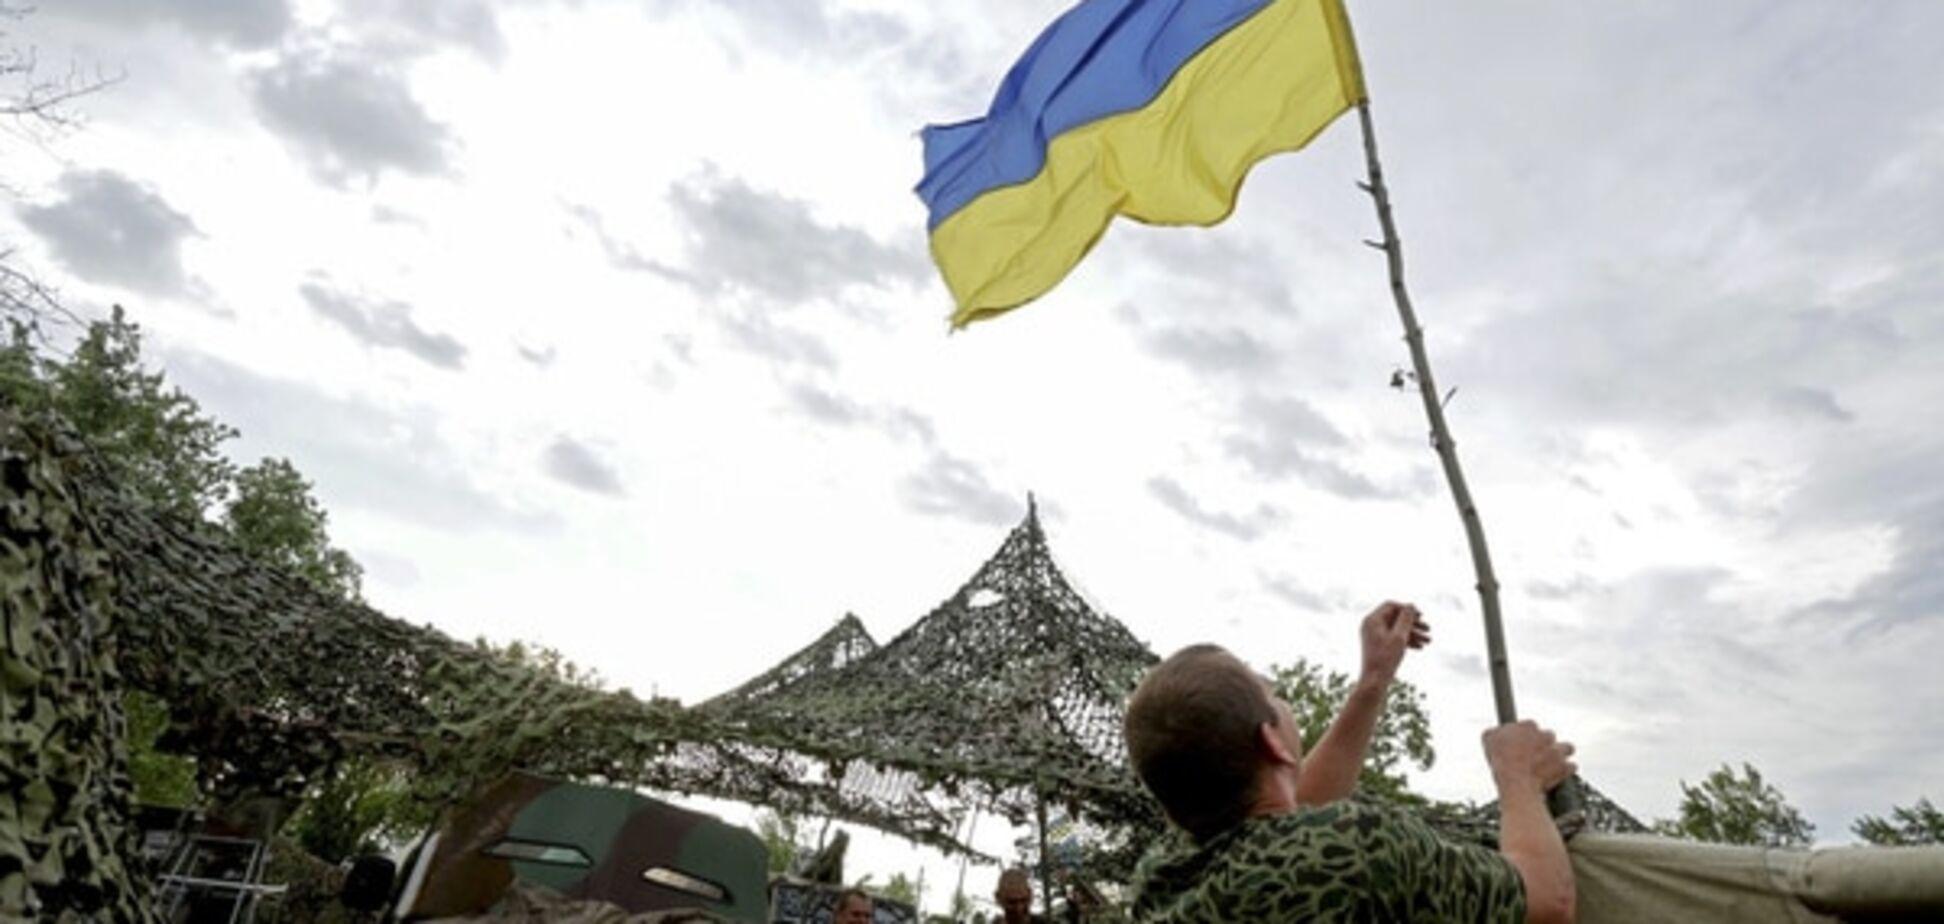 В Днепропетровске из фонда помощи бойцам АТО украли 40 млн